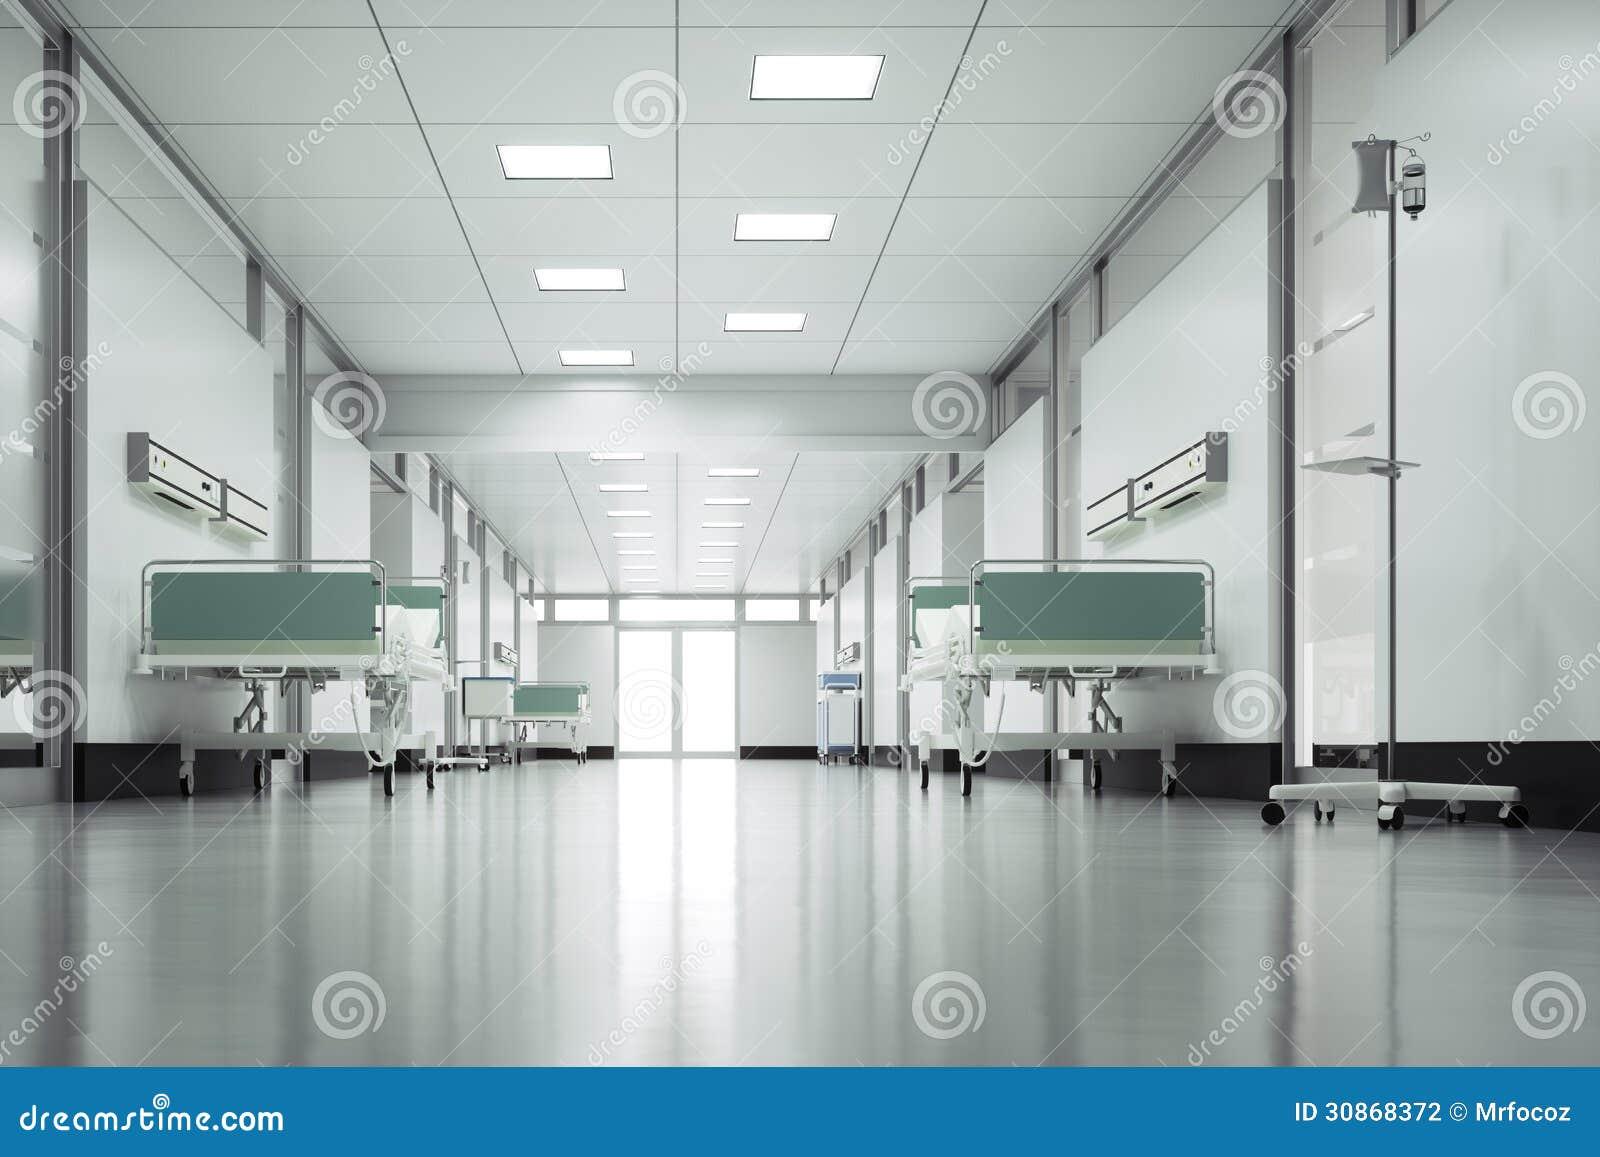 Fußboden Im Krankenhaus ~ Krankenhaus boden stock abbildung. illustration von notfall 30868372